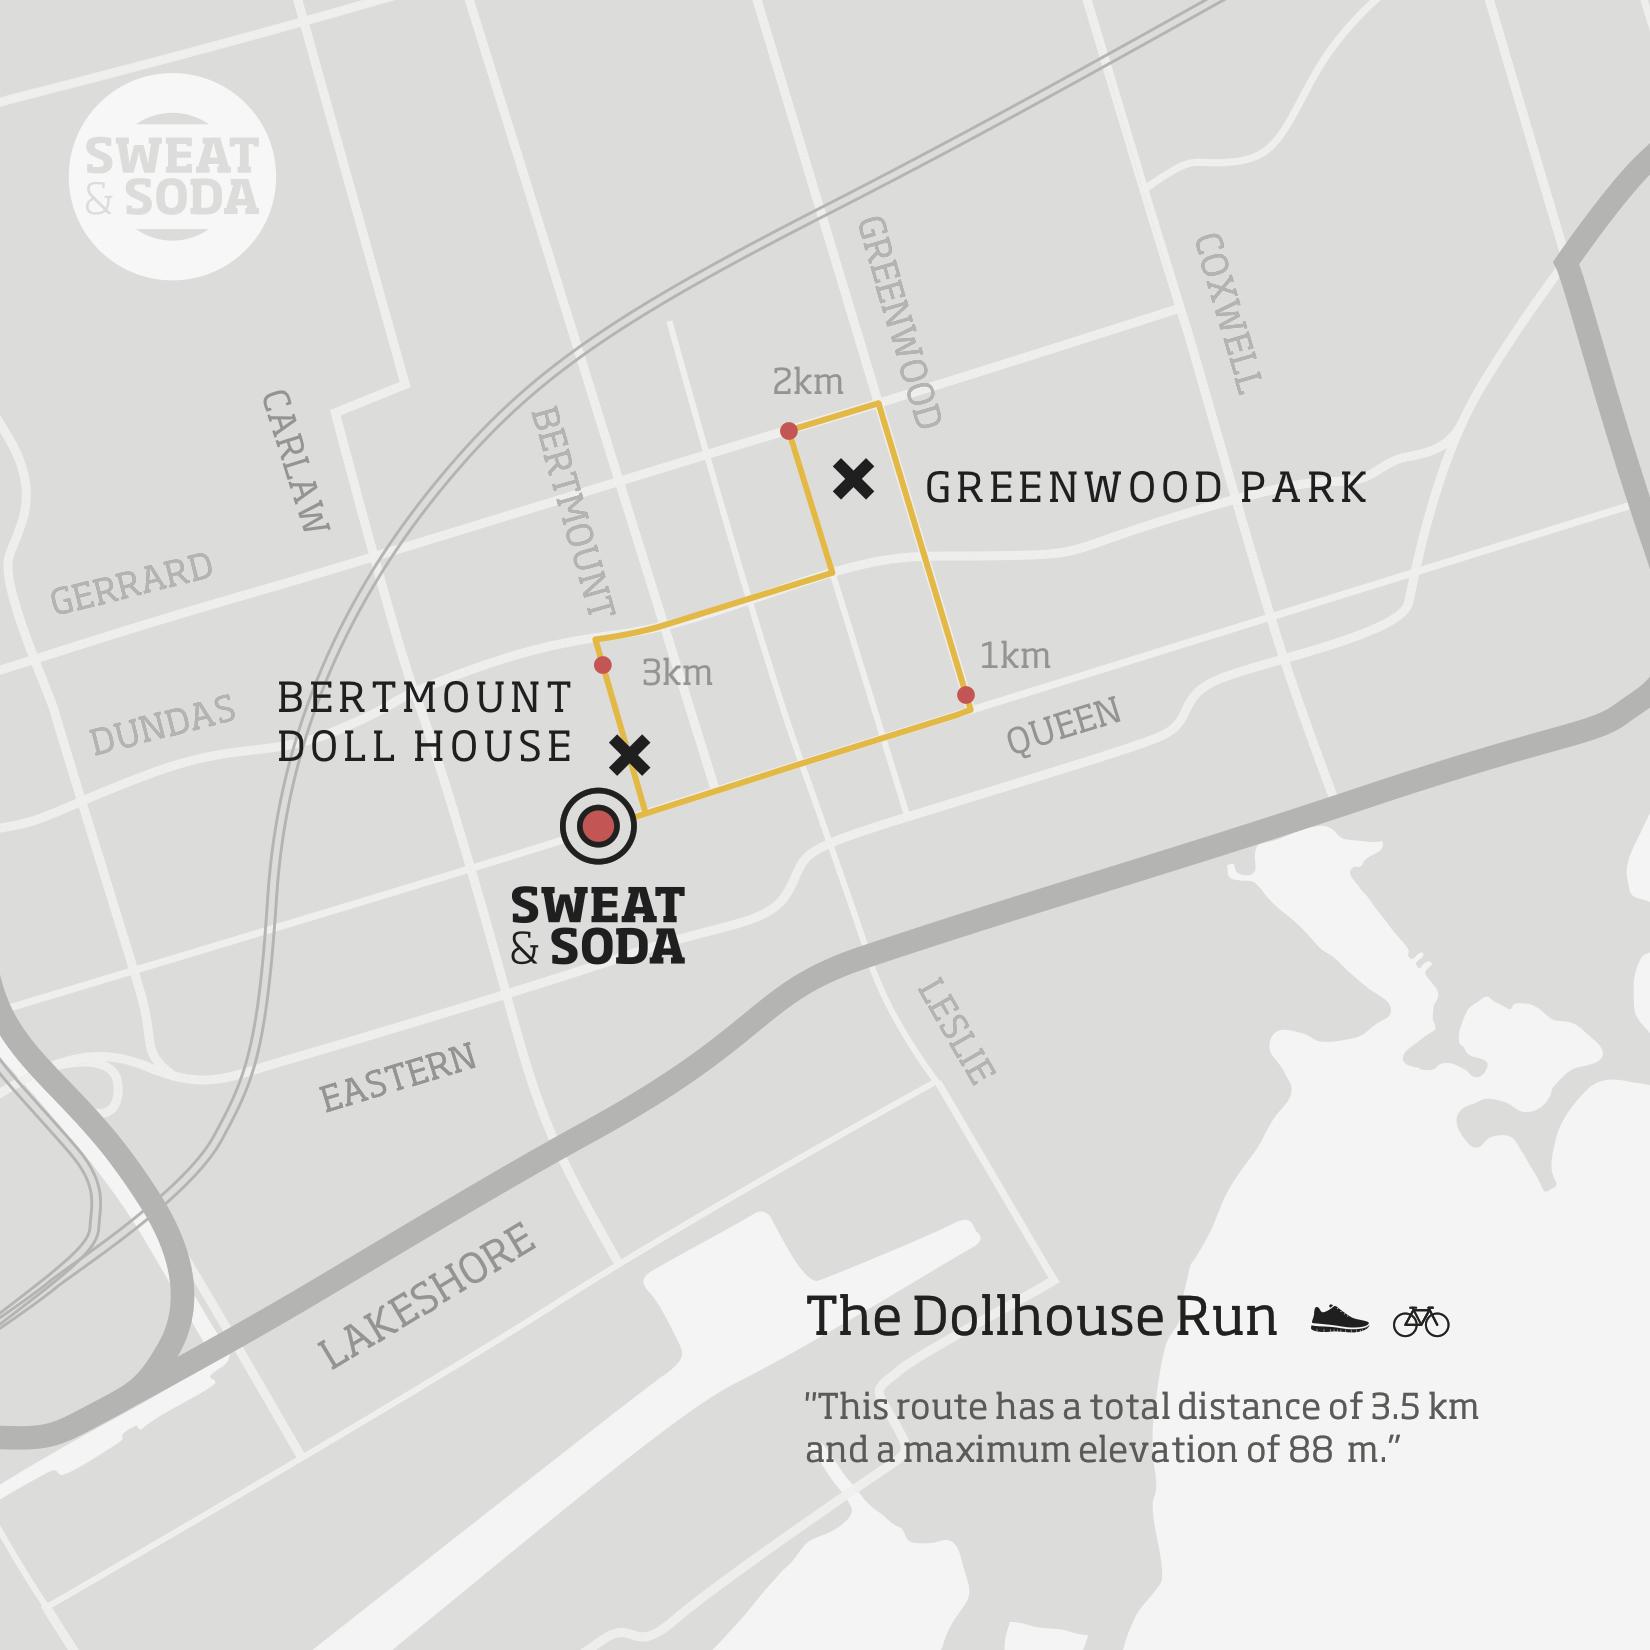 Soda_map_Dollhouse1 copy.jpg